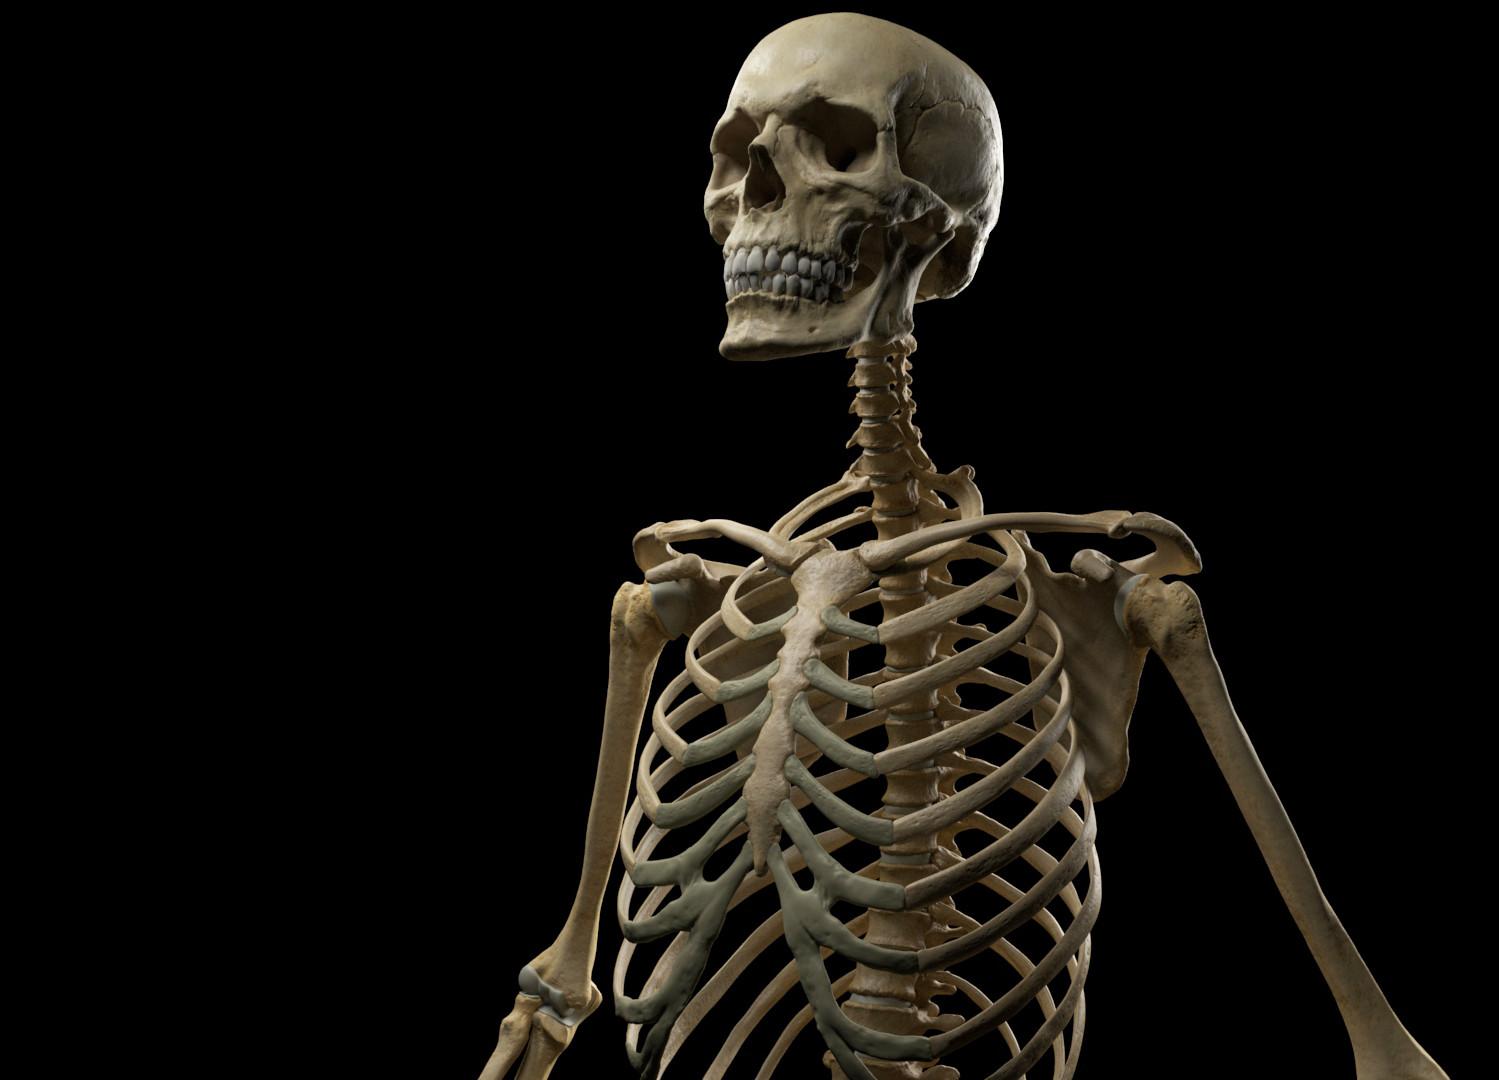 Andrey gritsuk skeleton 1 edit